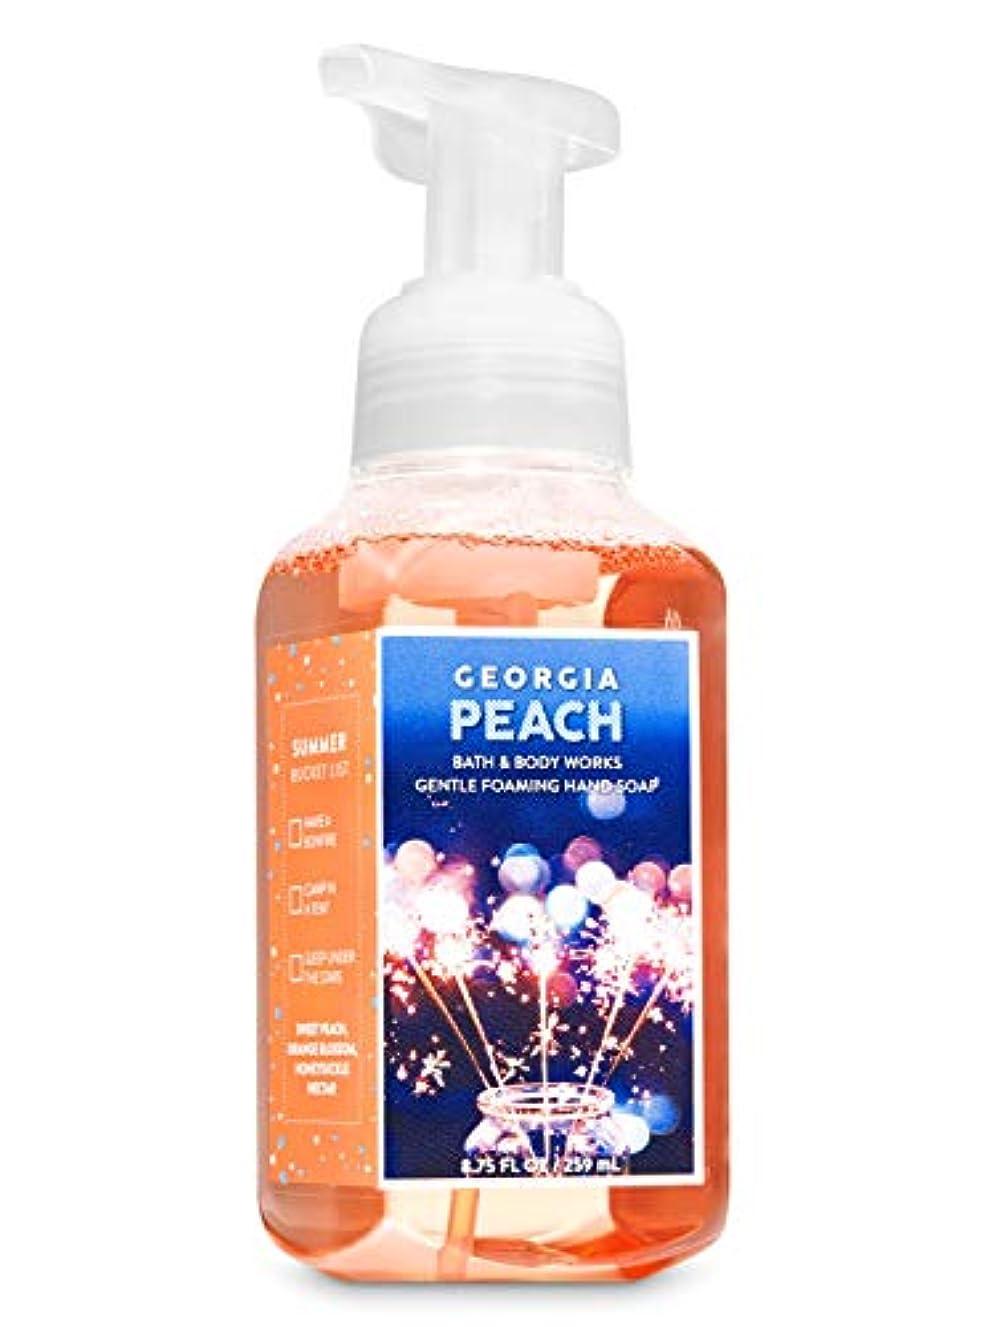 ズームオーバードローフルートバス&ボディワークス ジョージアピーチ ジェントル フォーミング ハンドソープ Georgia Peach Gentle Foaming Hand Soap